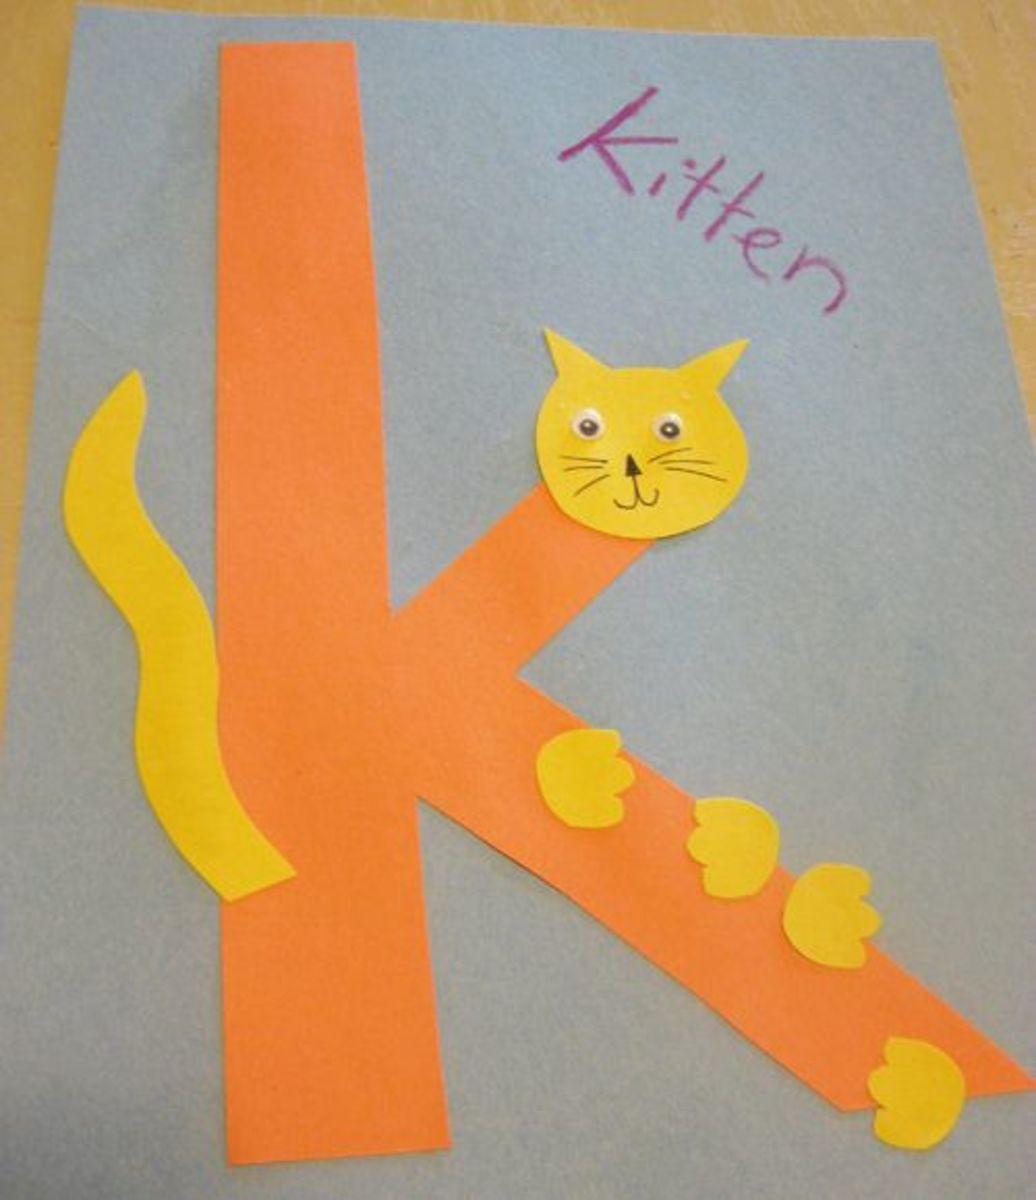 K is for Kitten Alphabet Activities